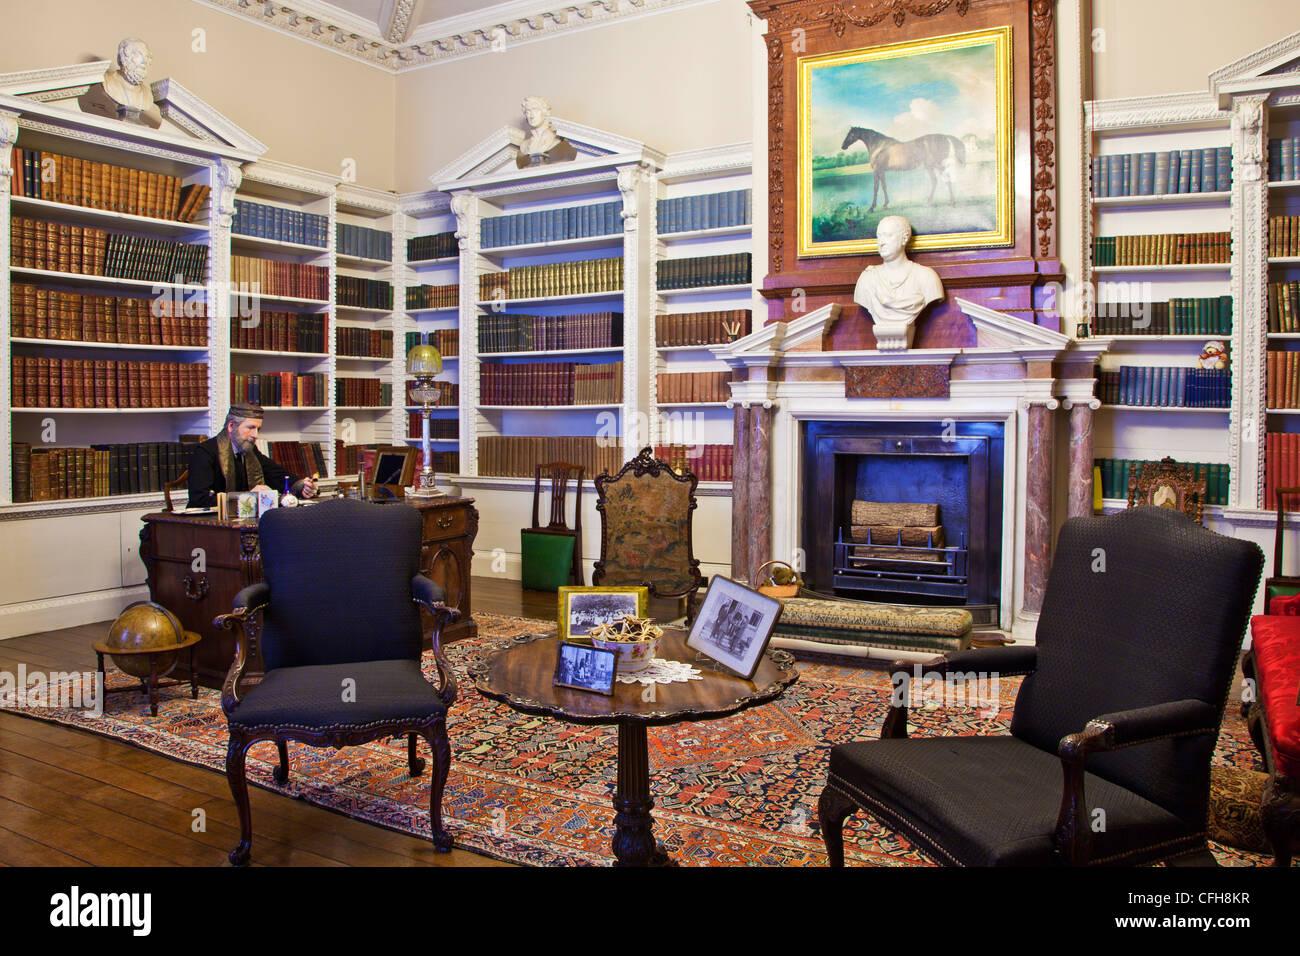 Victorian House Interior Stockfotos & Victorian House Interior ...